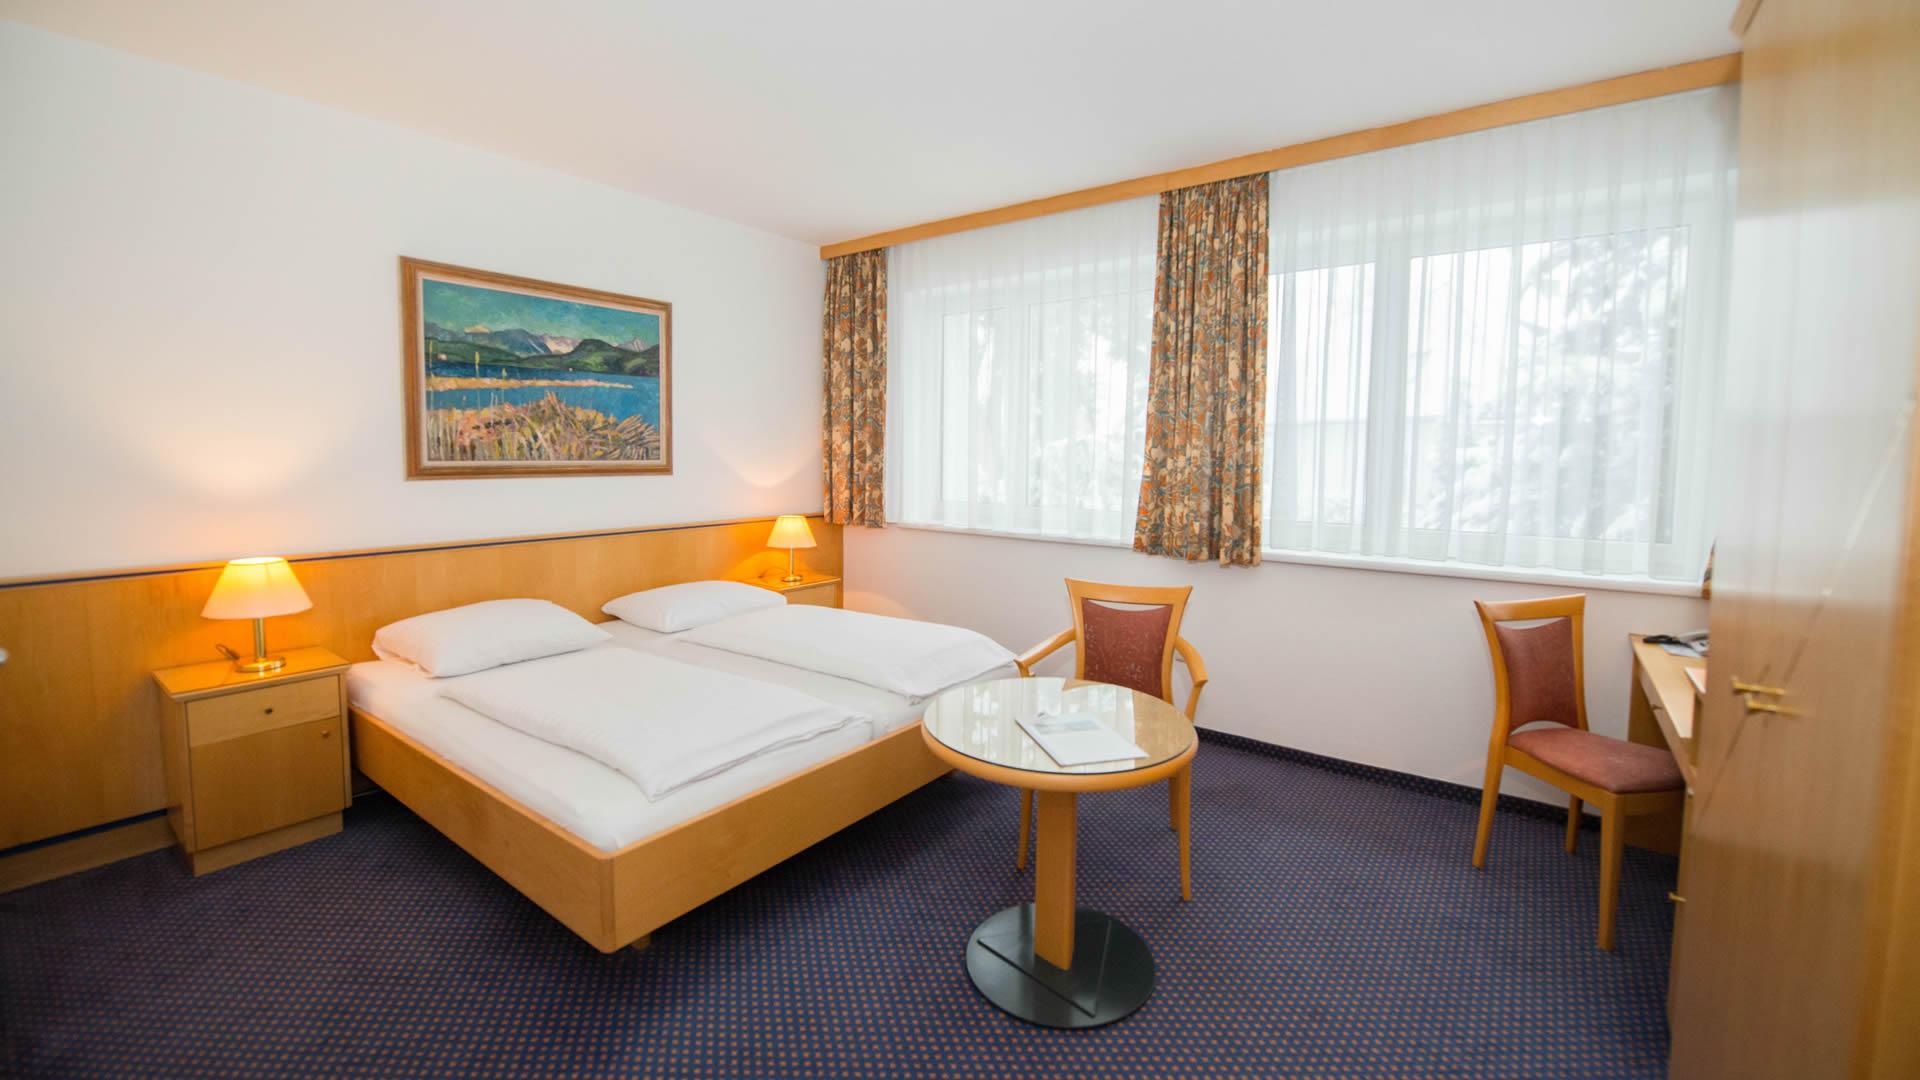 Doppelzimmer mit Balkon im Parkhotel Styria in Steyr